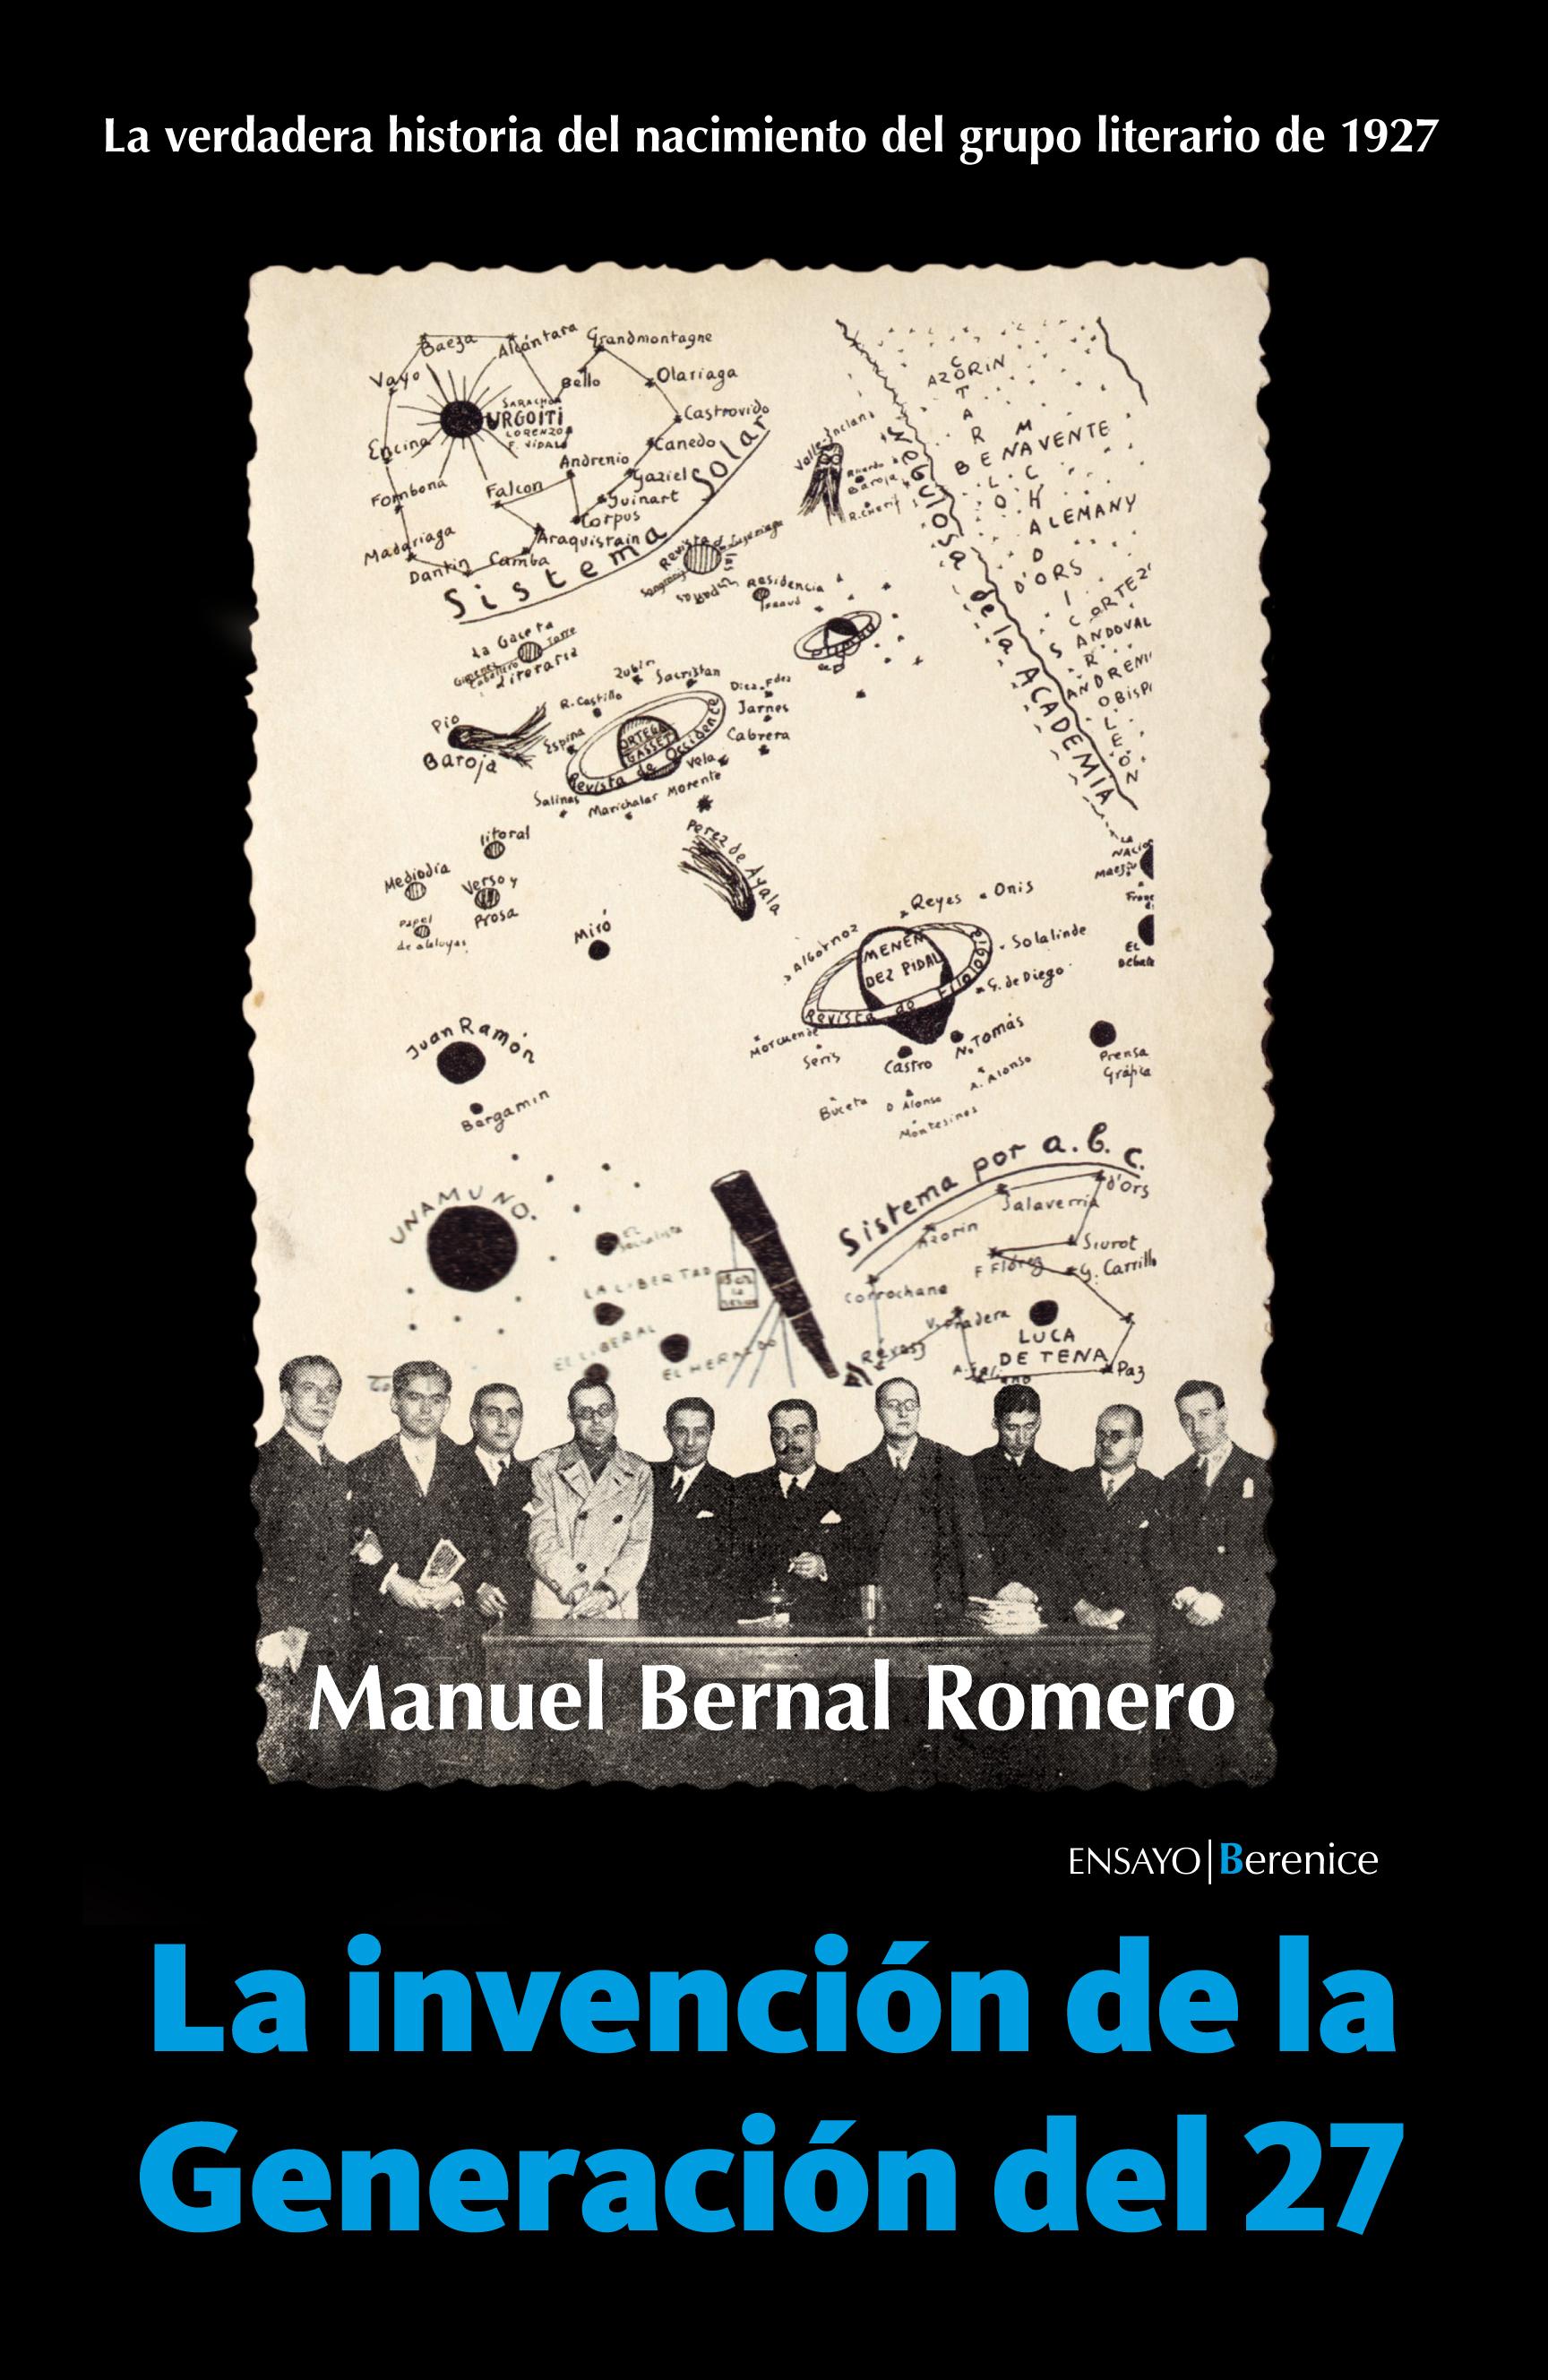 La invención de la Generación del 27. La verdadera historia del nacimiento del grupo literario de 1927 - Manuel Bernal Romero